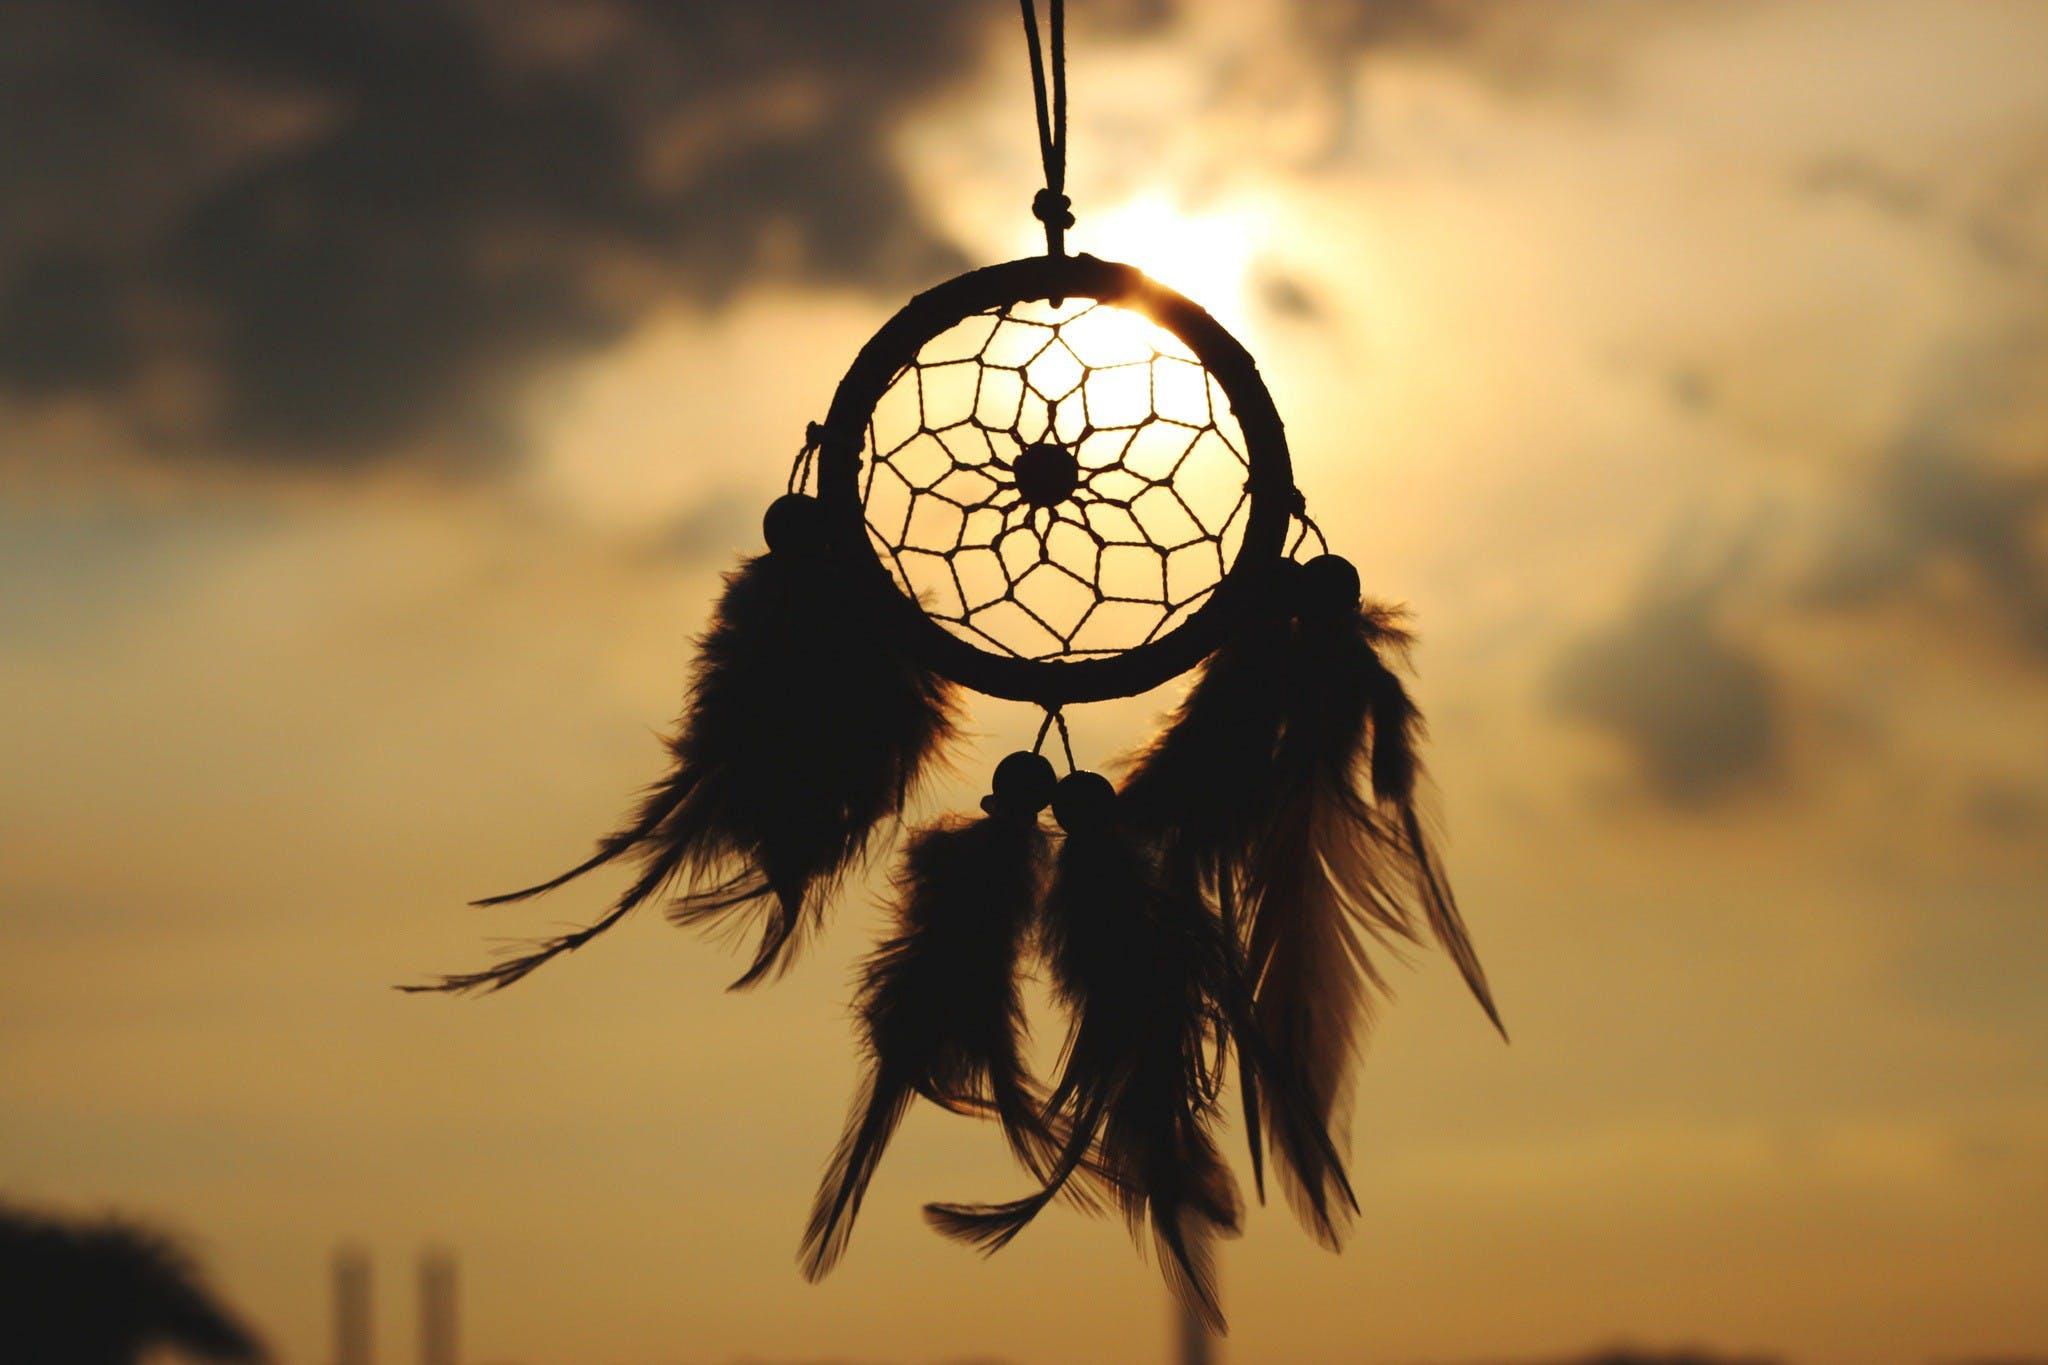 Kızılderililerin baş ucu duvarına asılan dreamcatcher (düş kapanı), inanışa göre onları kabusların gerçekleşmesinden koruyor.